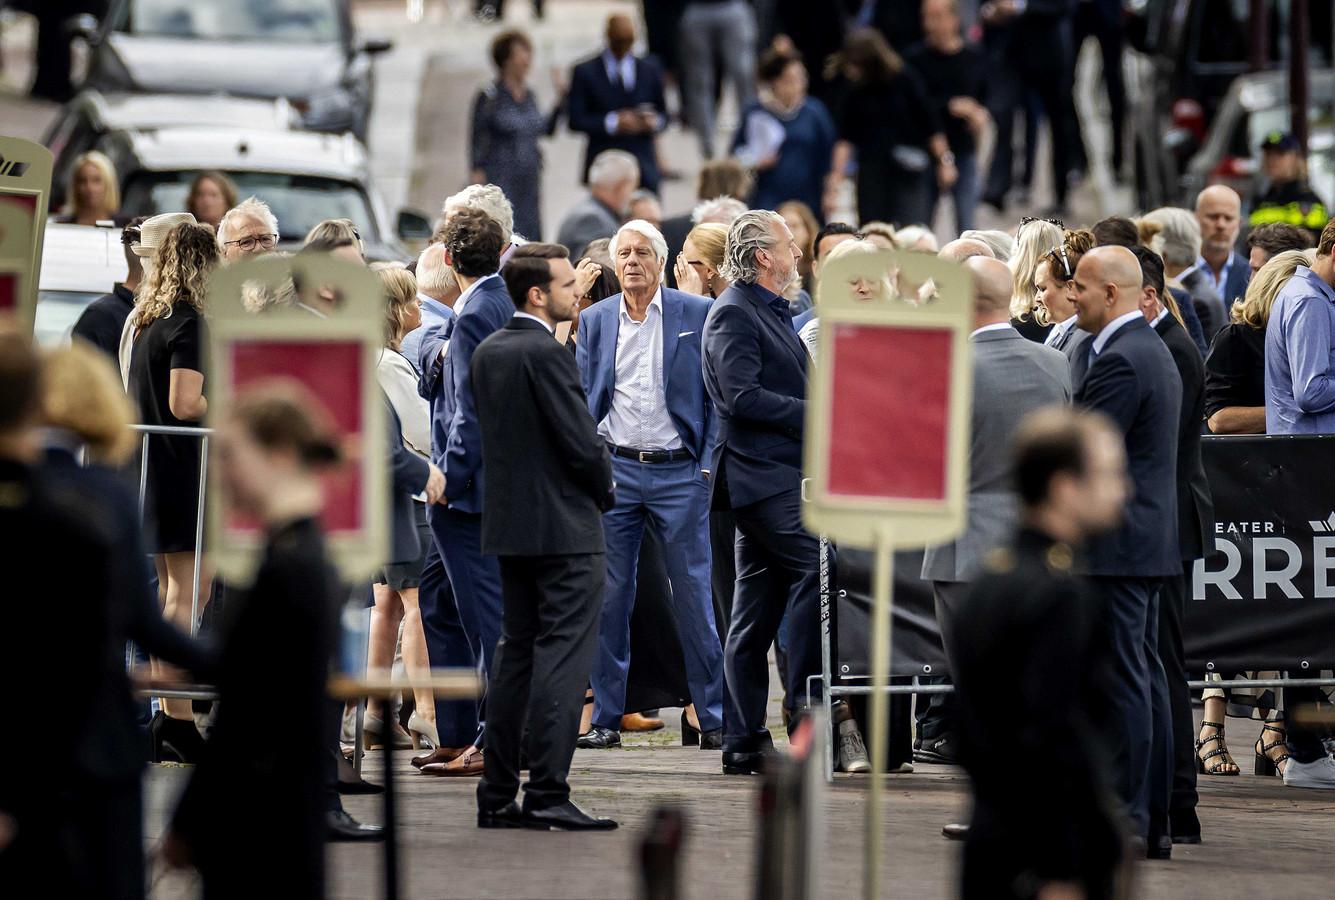 Genodigden arriveren voor het besloten afscheid van Peter R. de Vries in Koninklijk Theater Carré.